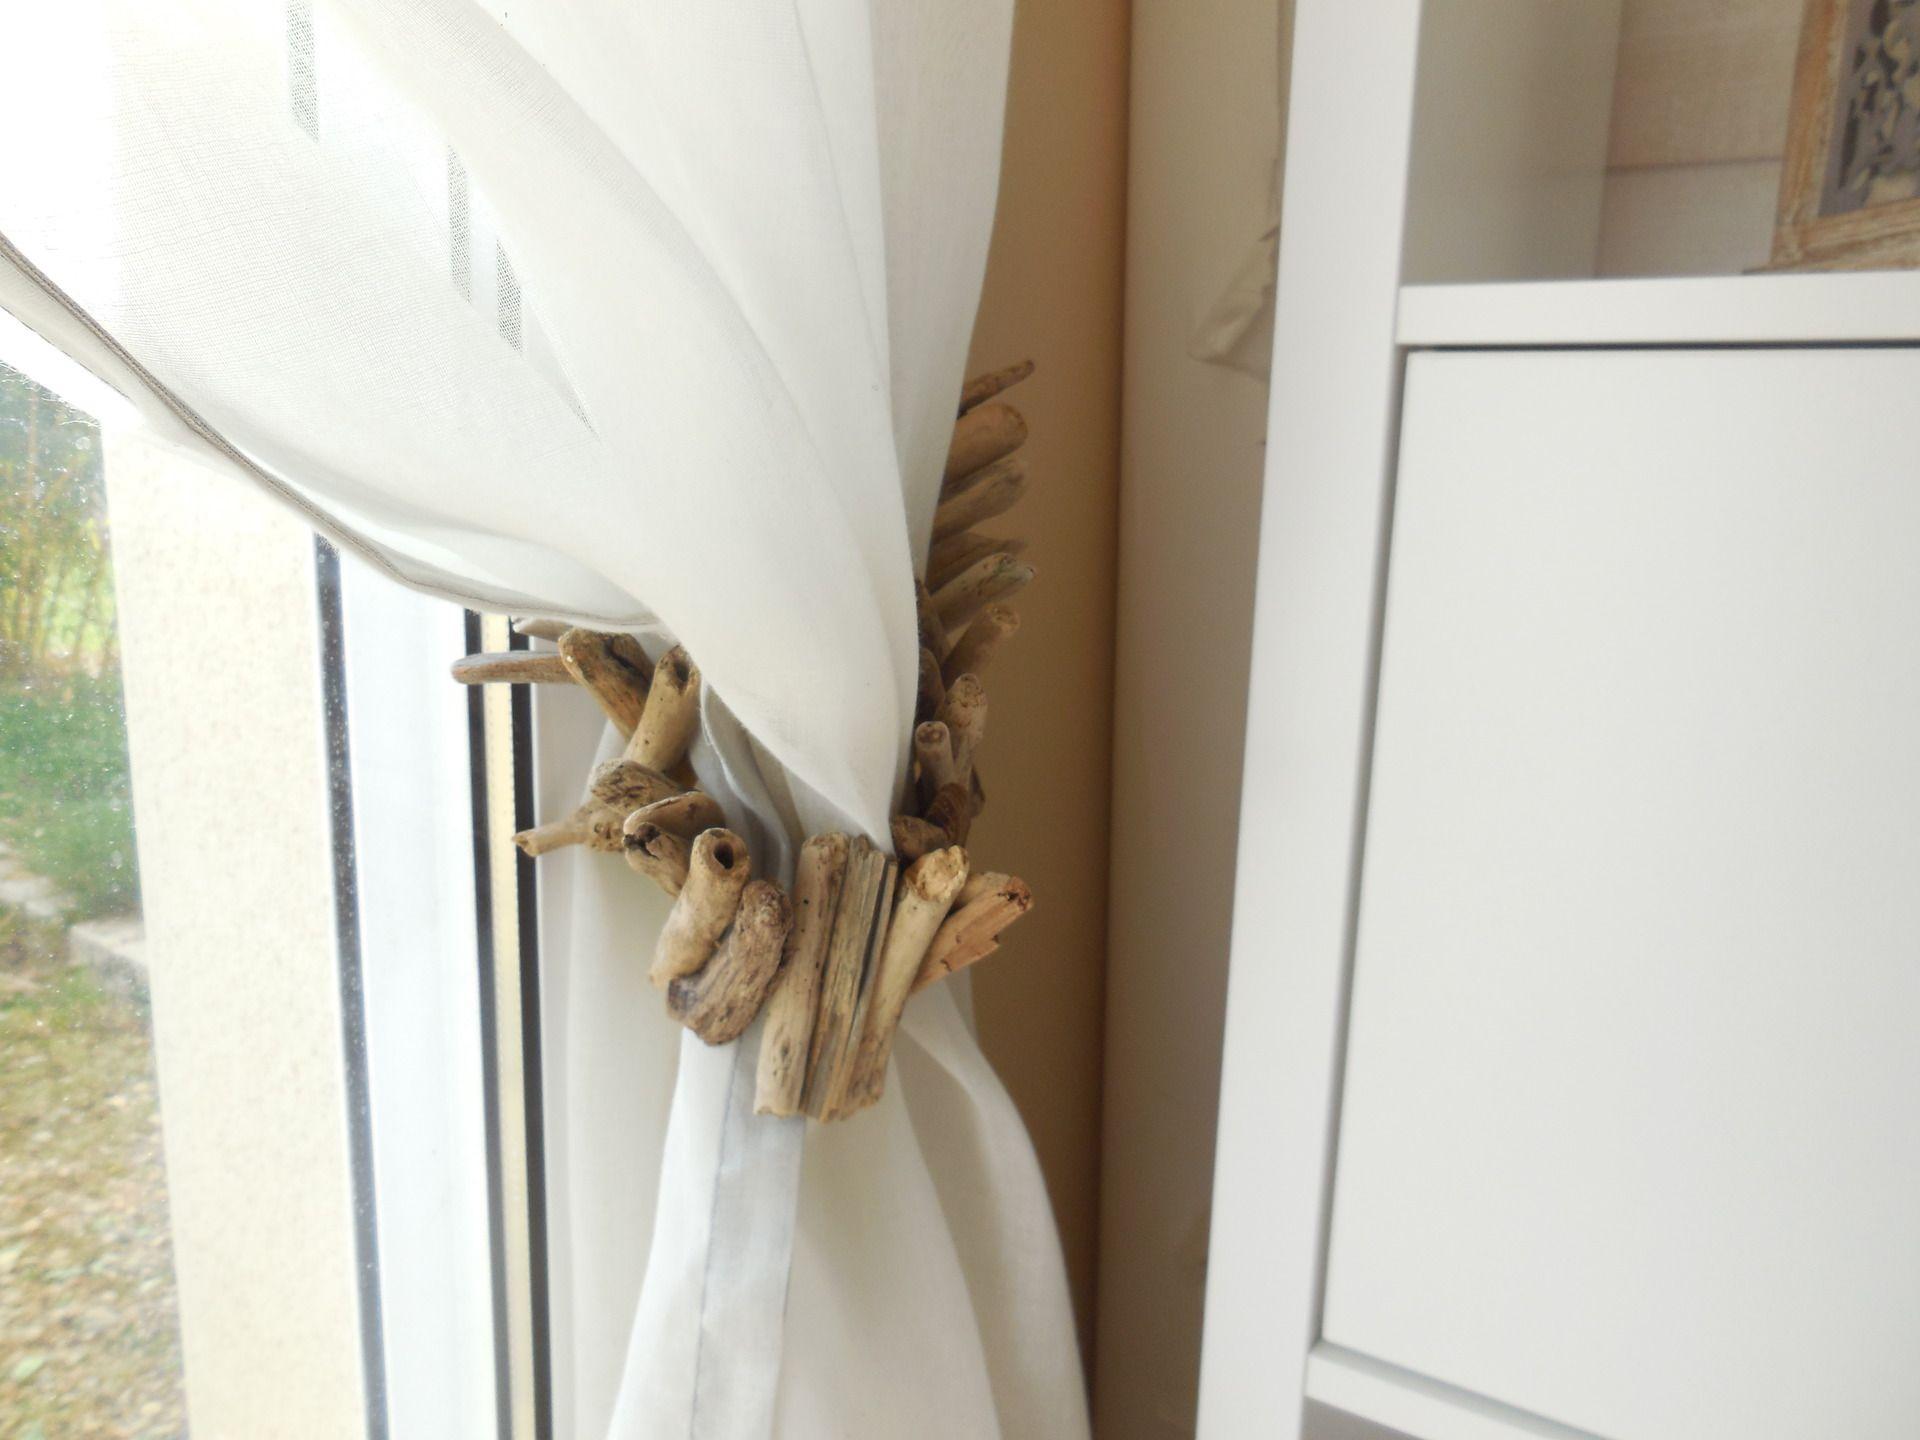 embrases de rideaux en bois flotte sur